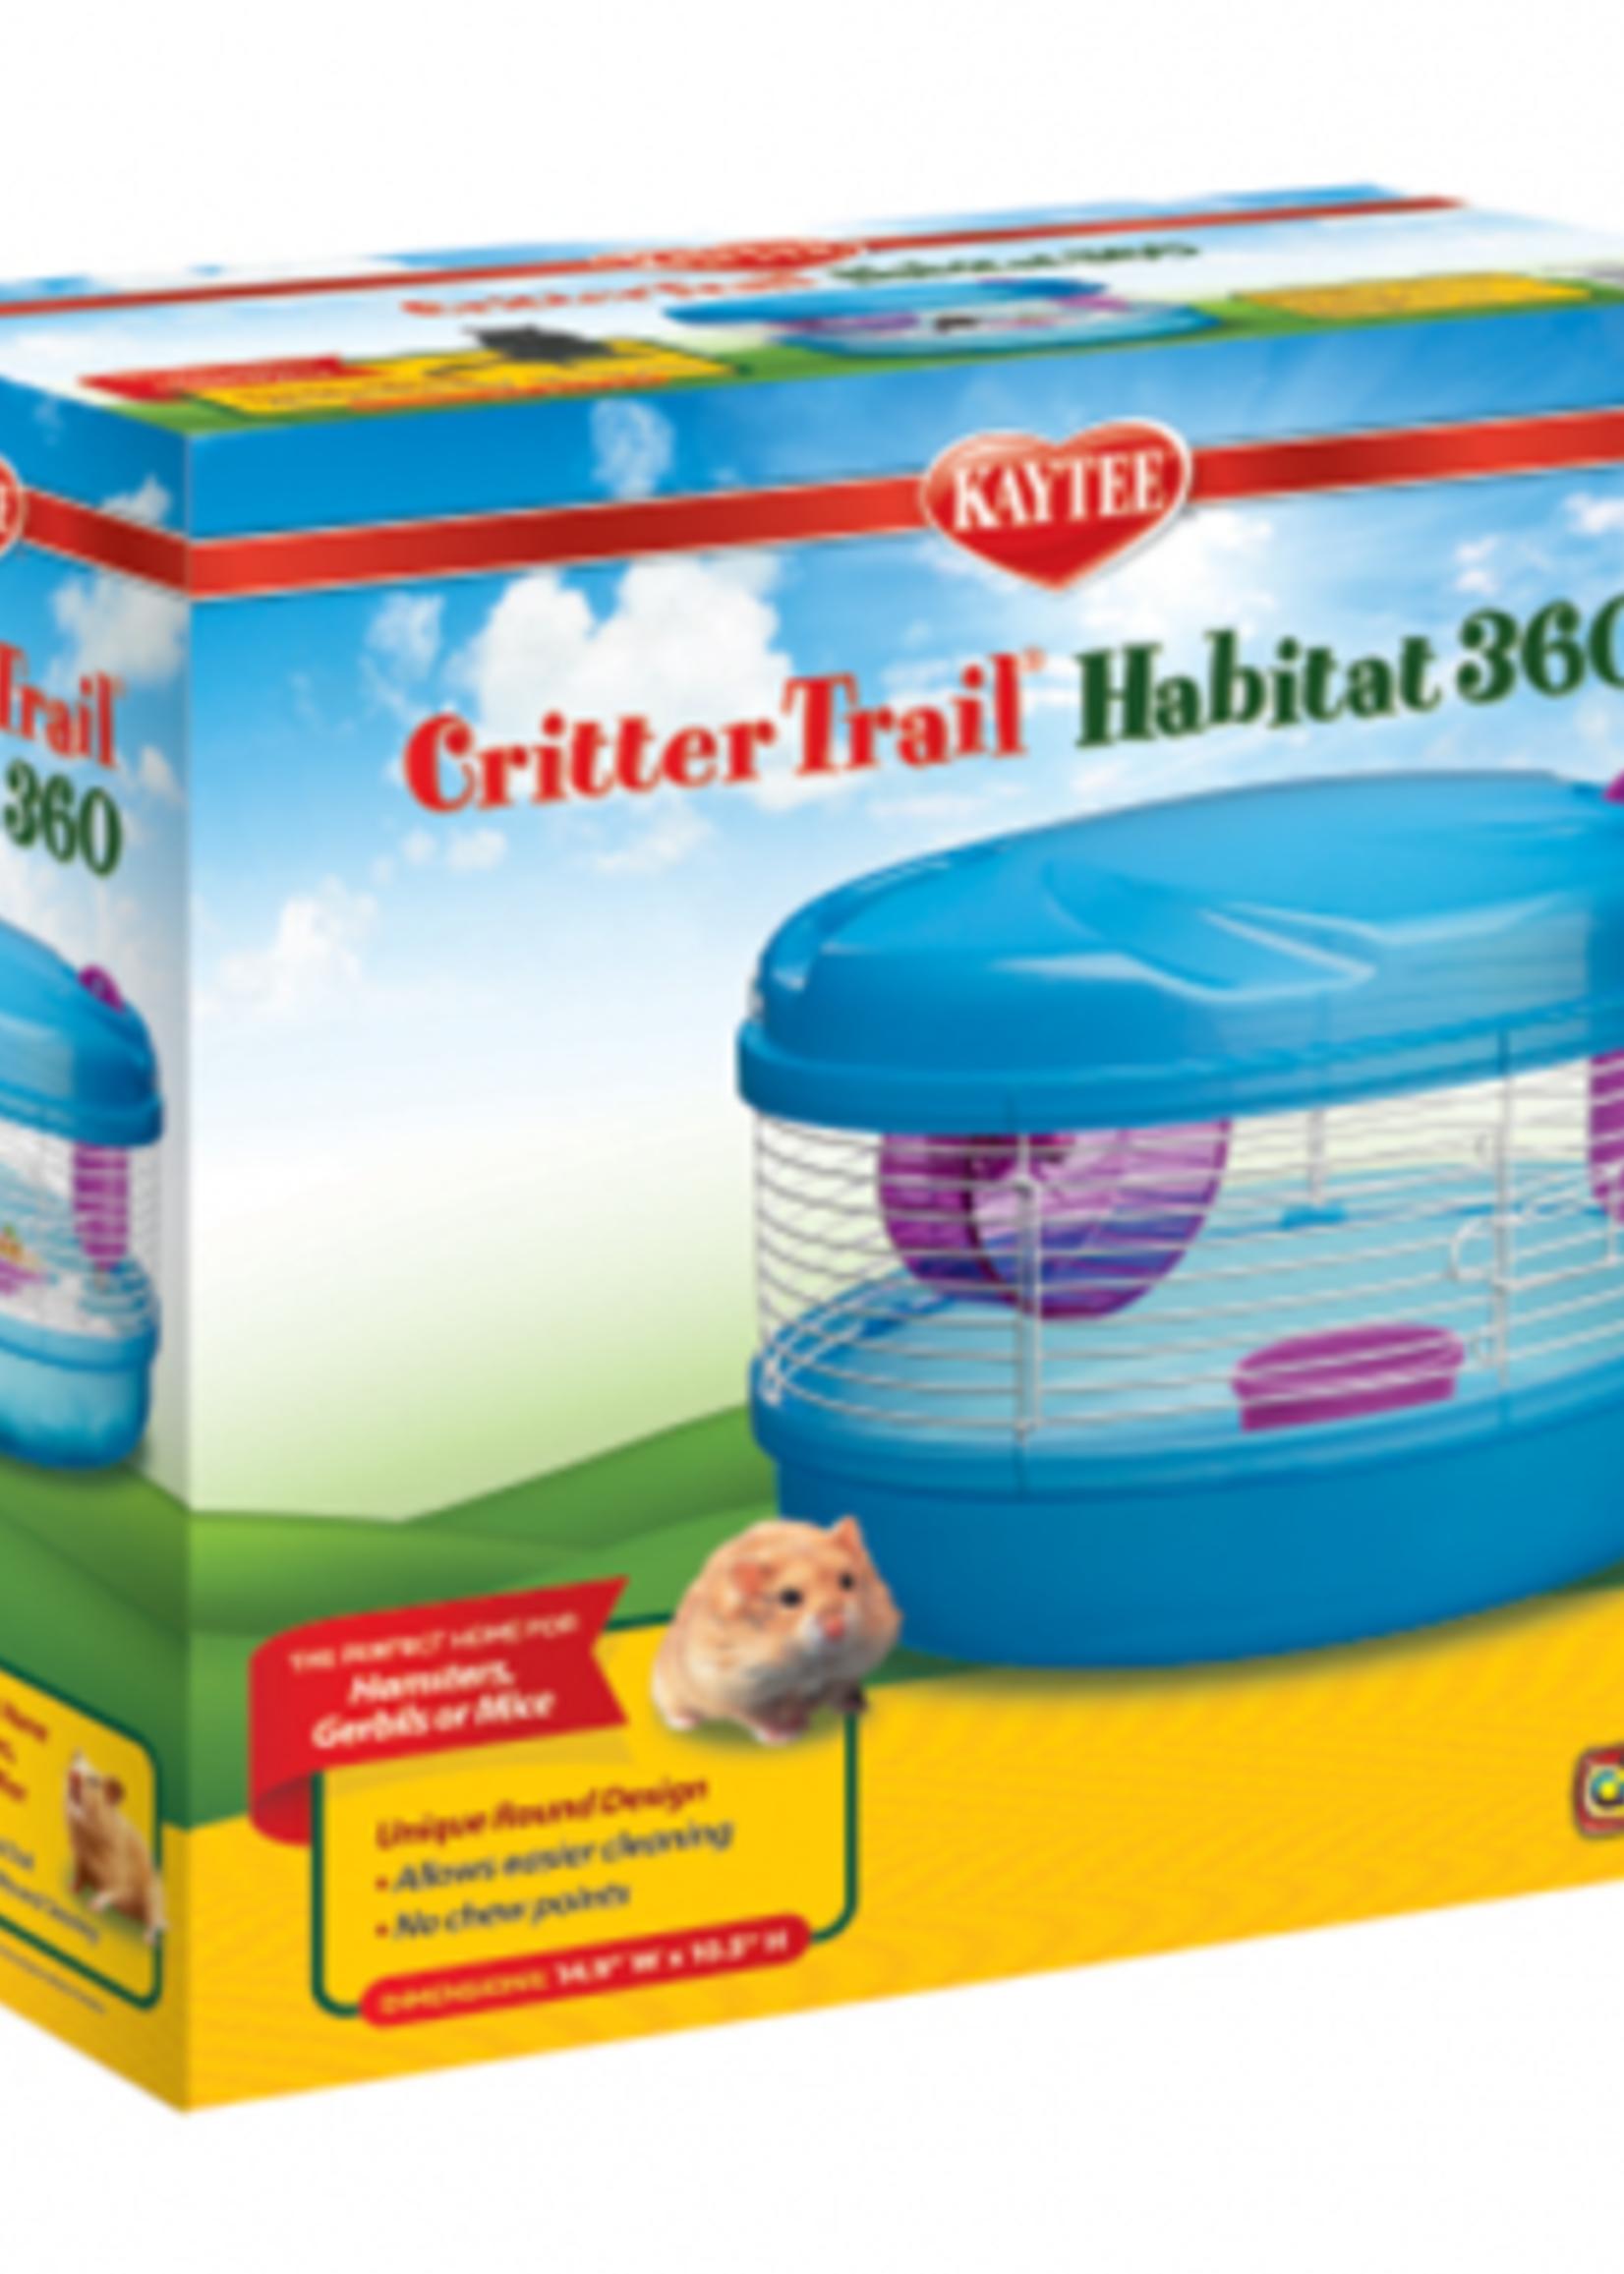 Kaytee® Kaytee® CritterTrail® Habitat 360